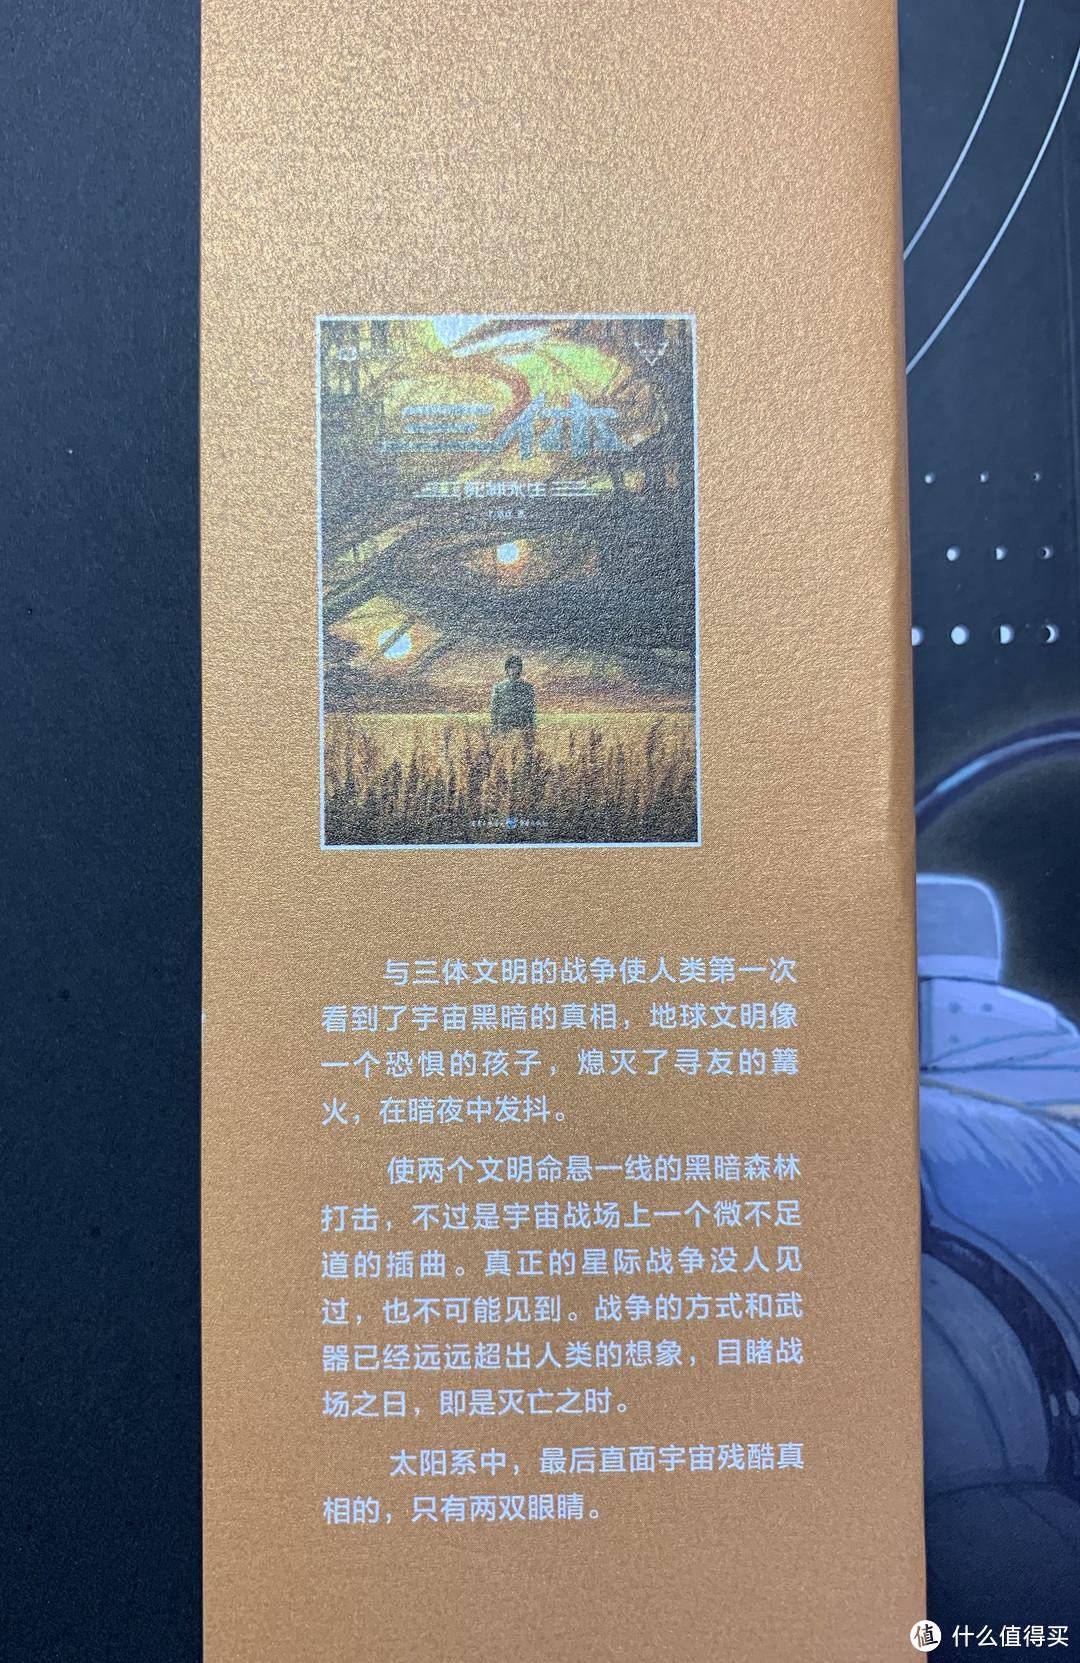 囤书记—《三体(纪念版)》套装和菲利普·迪克小说套装